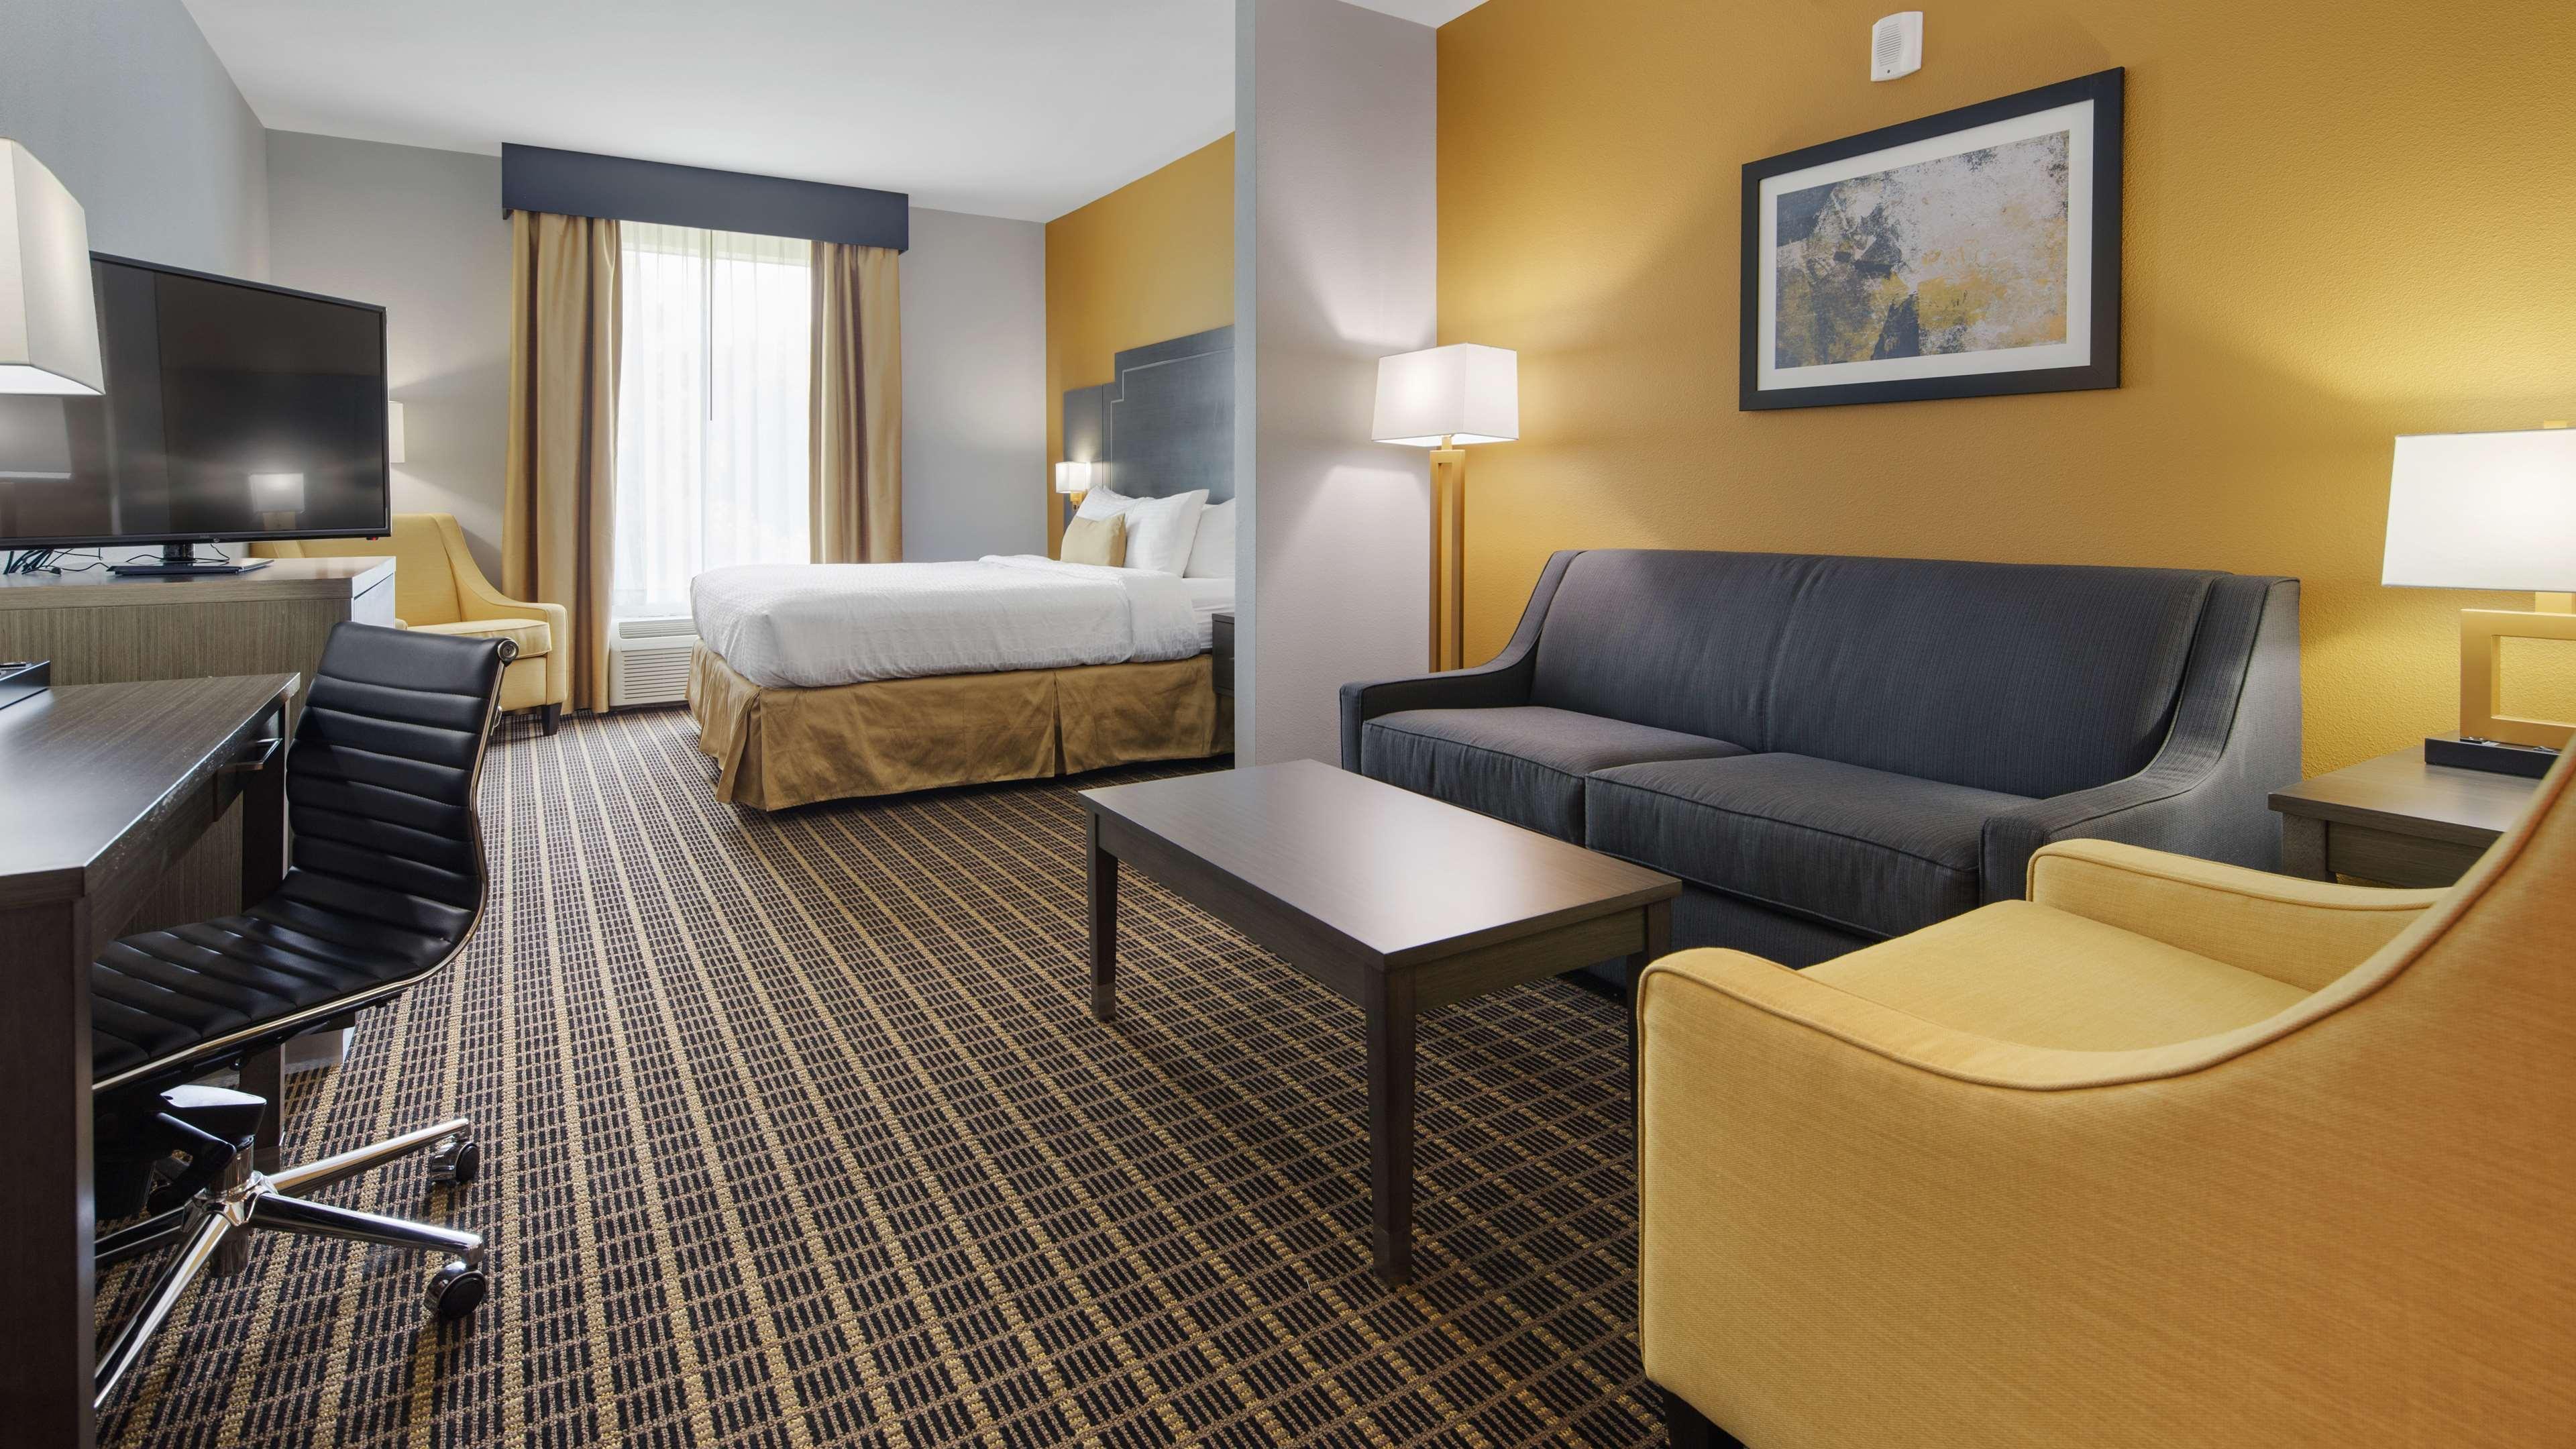 Best Western Plus Regency Park Hotel image 45